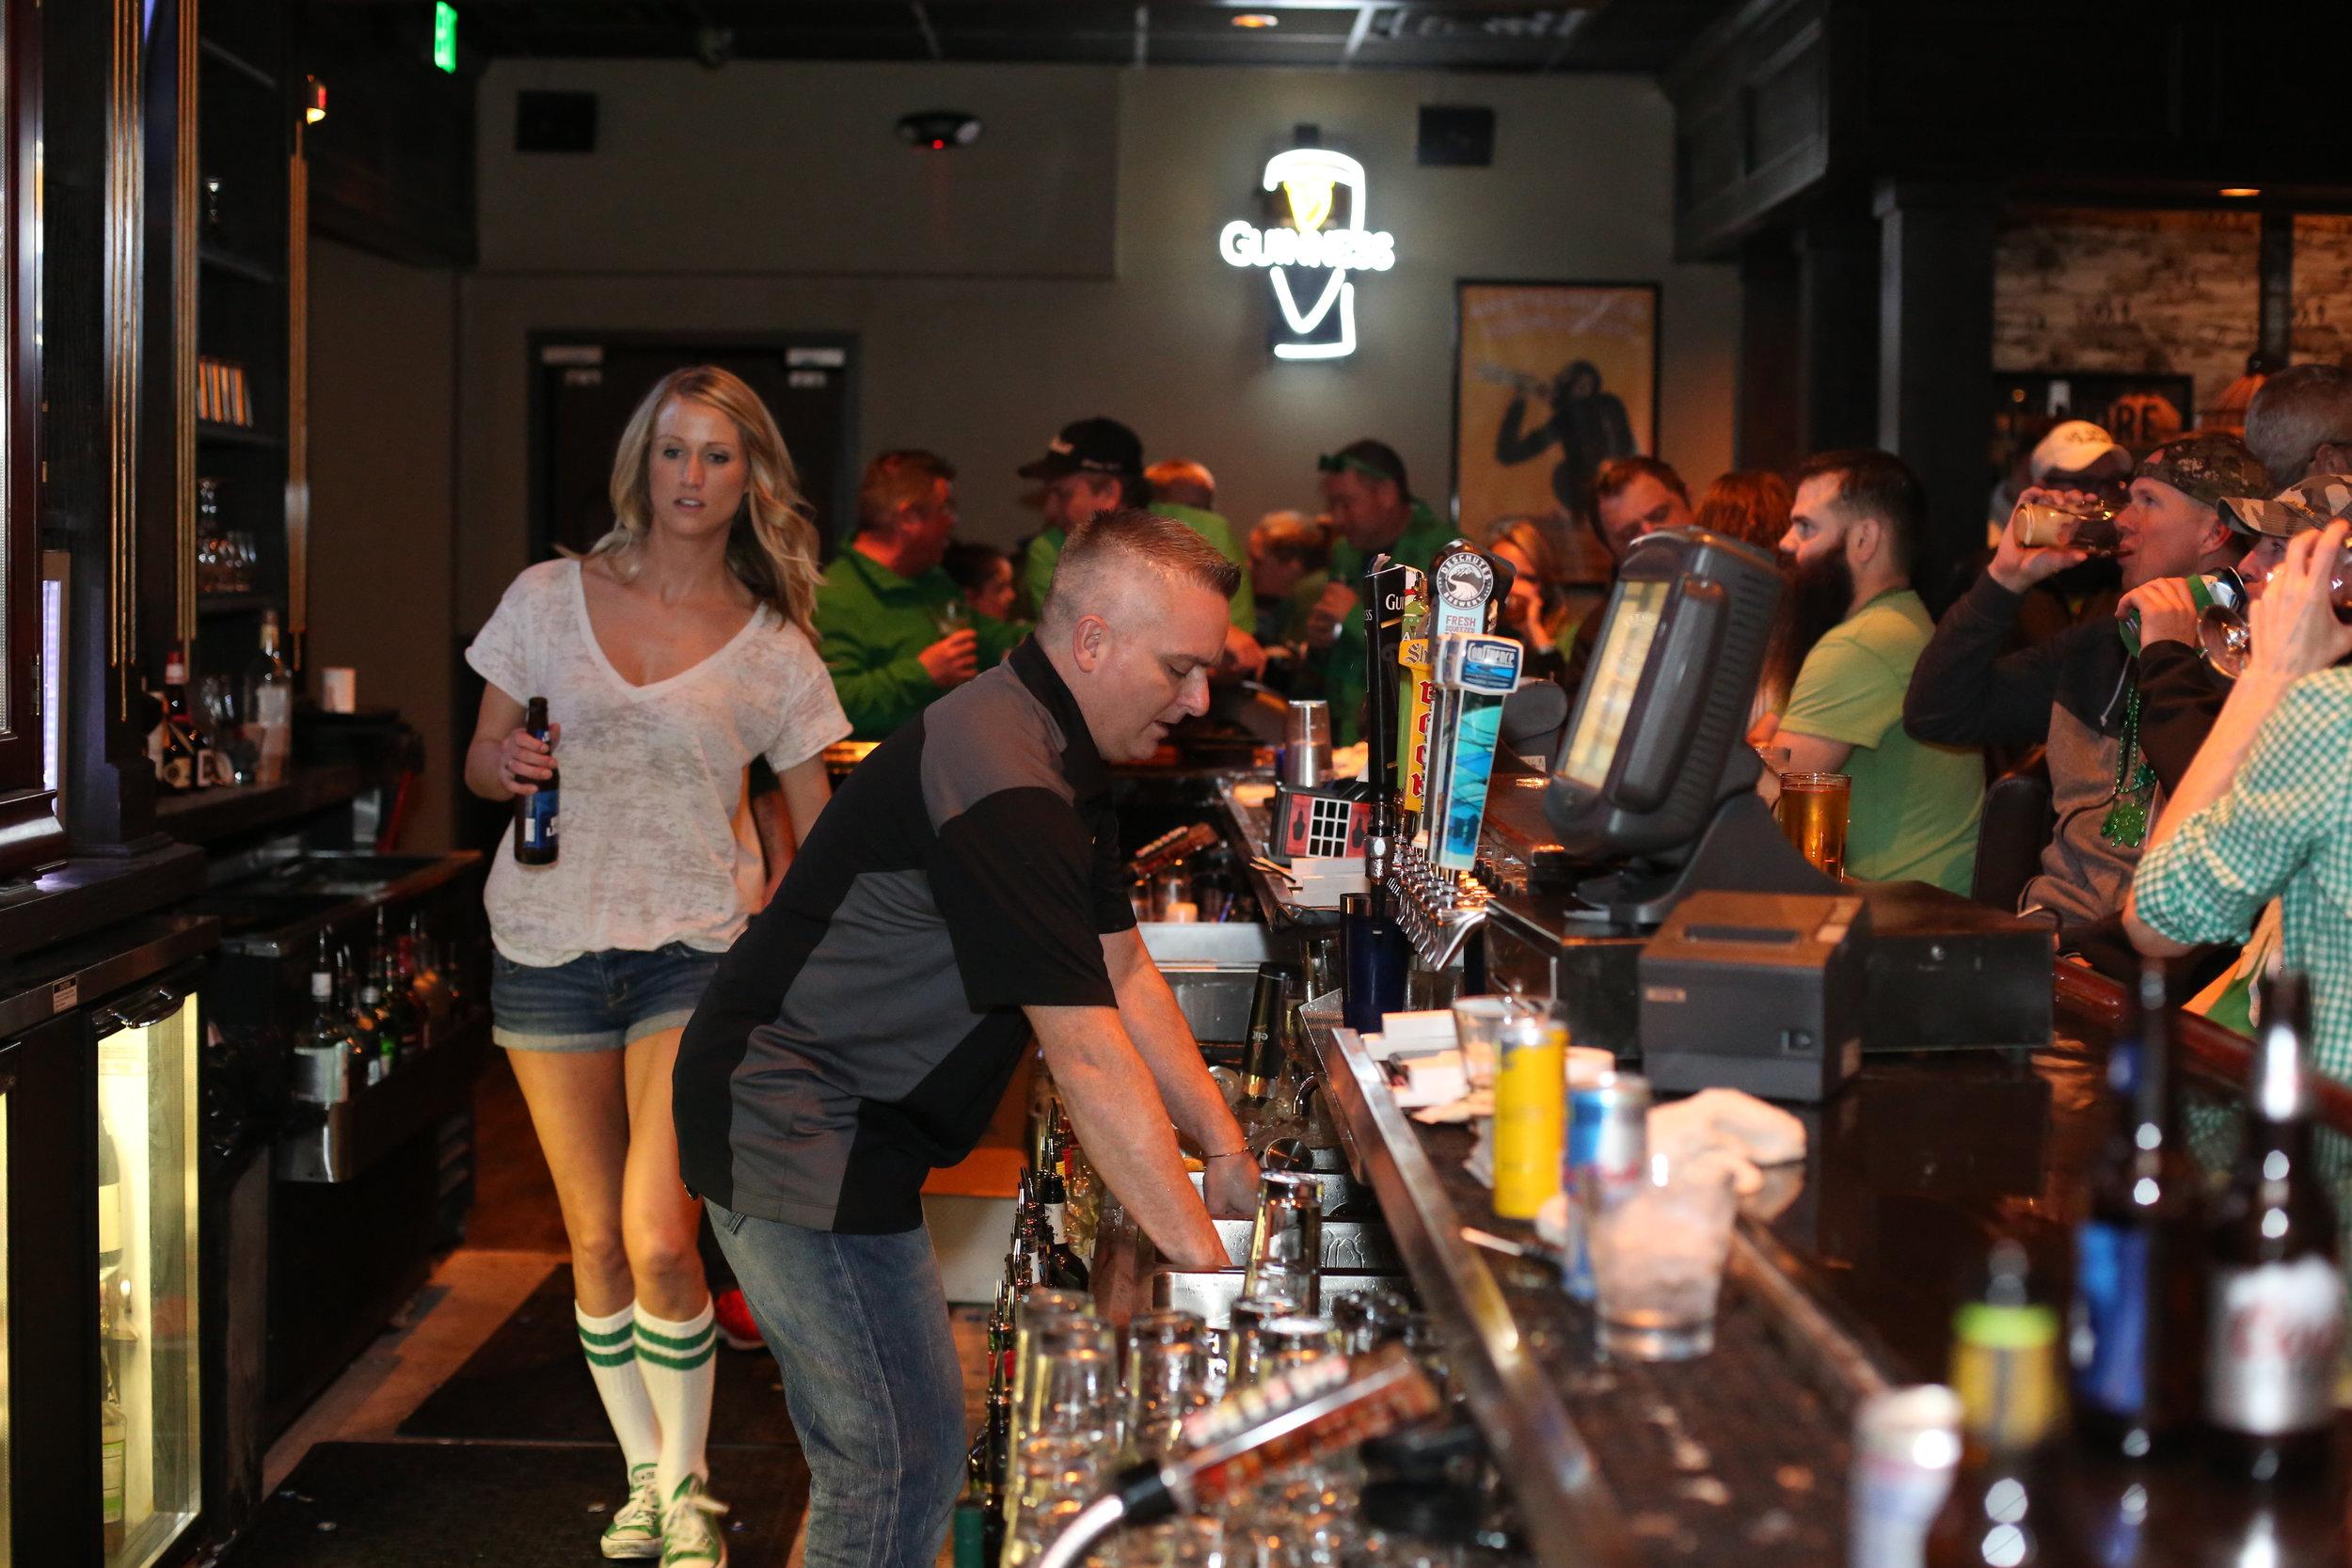 The Irish - A West Des Moines Pub